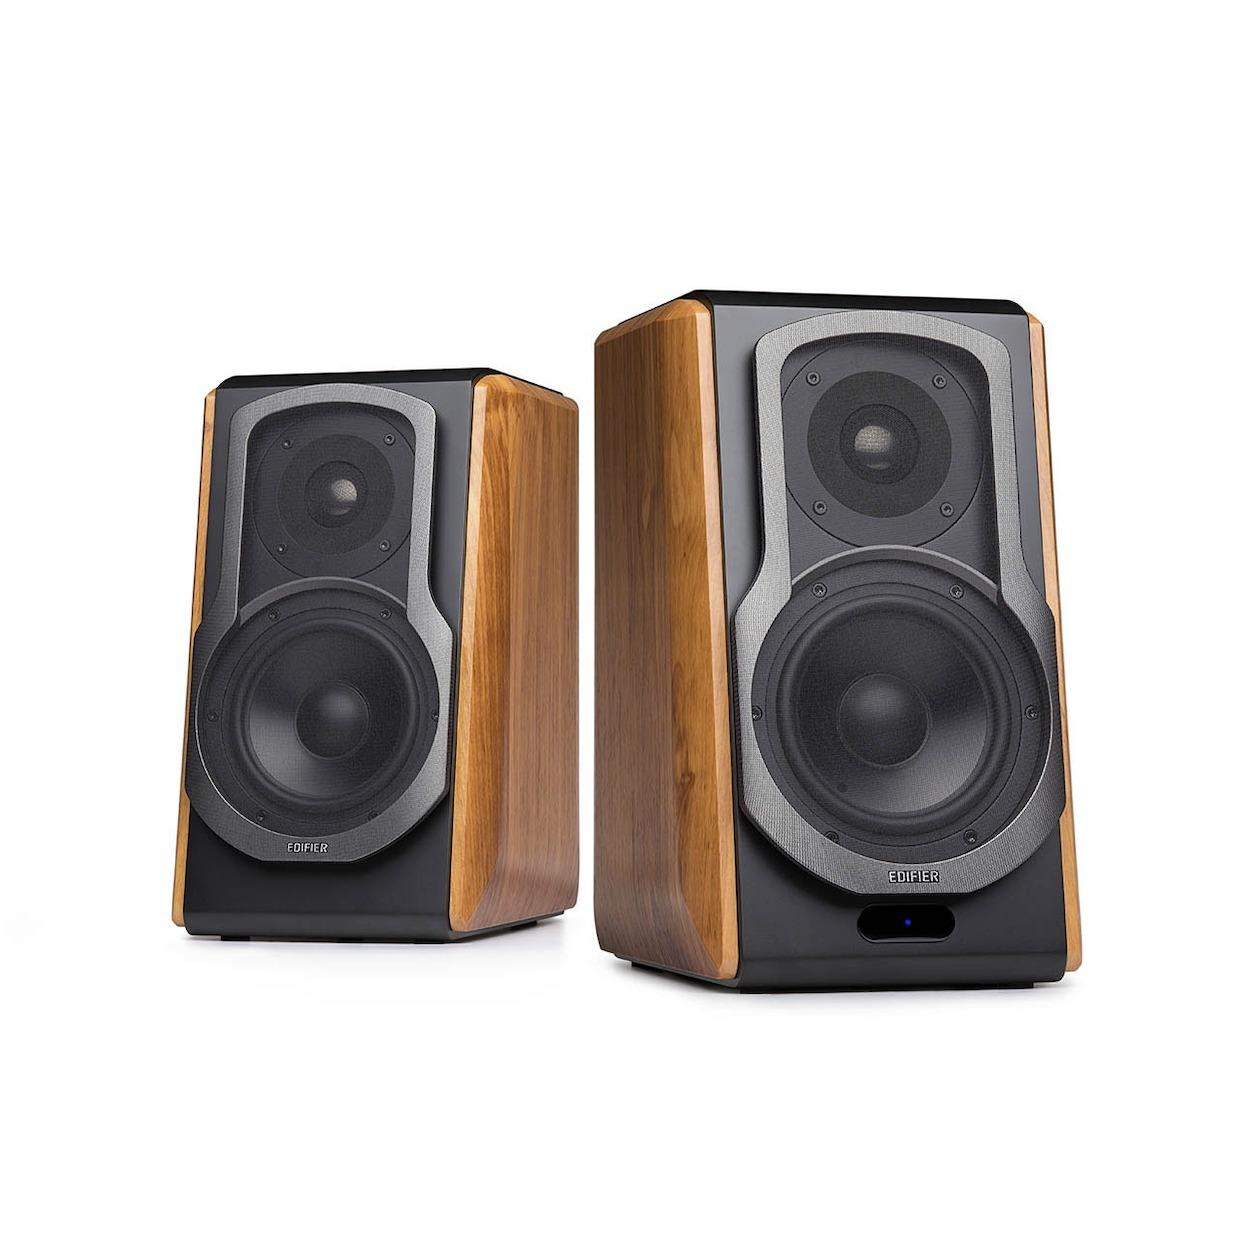 Edifier boekenplank speaker S1000DB